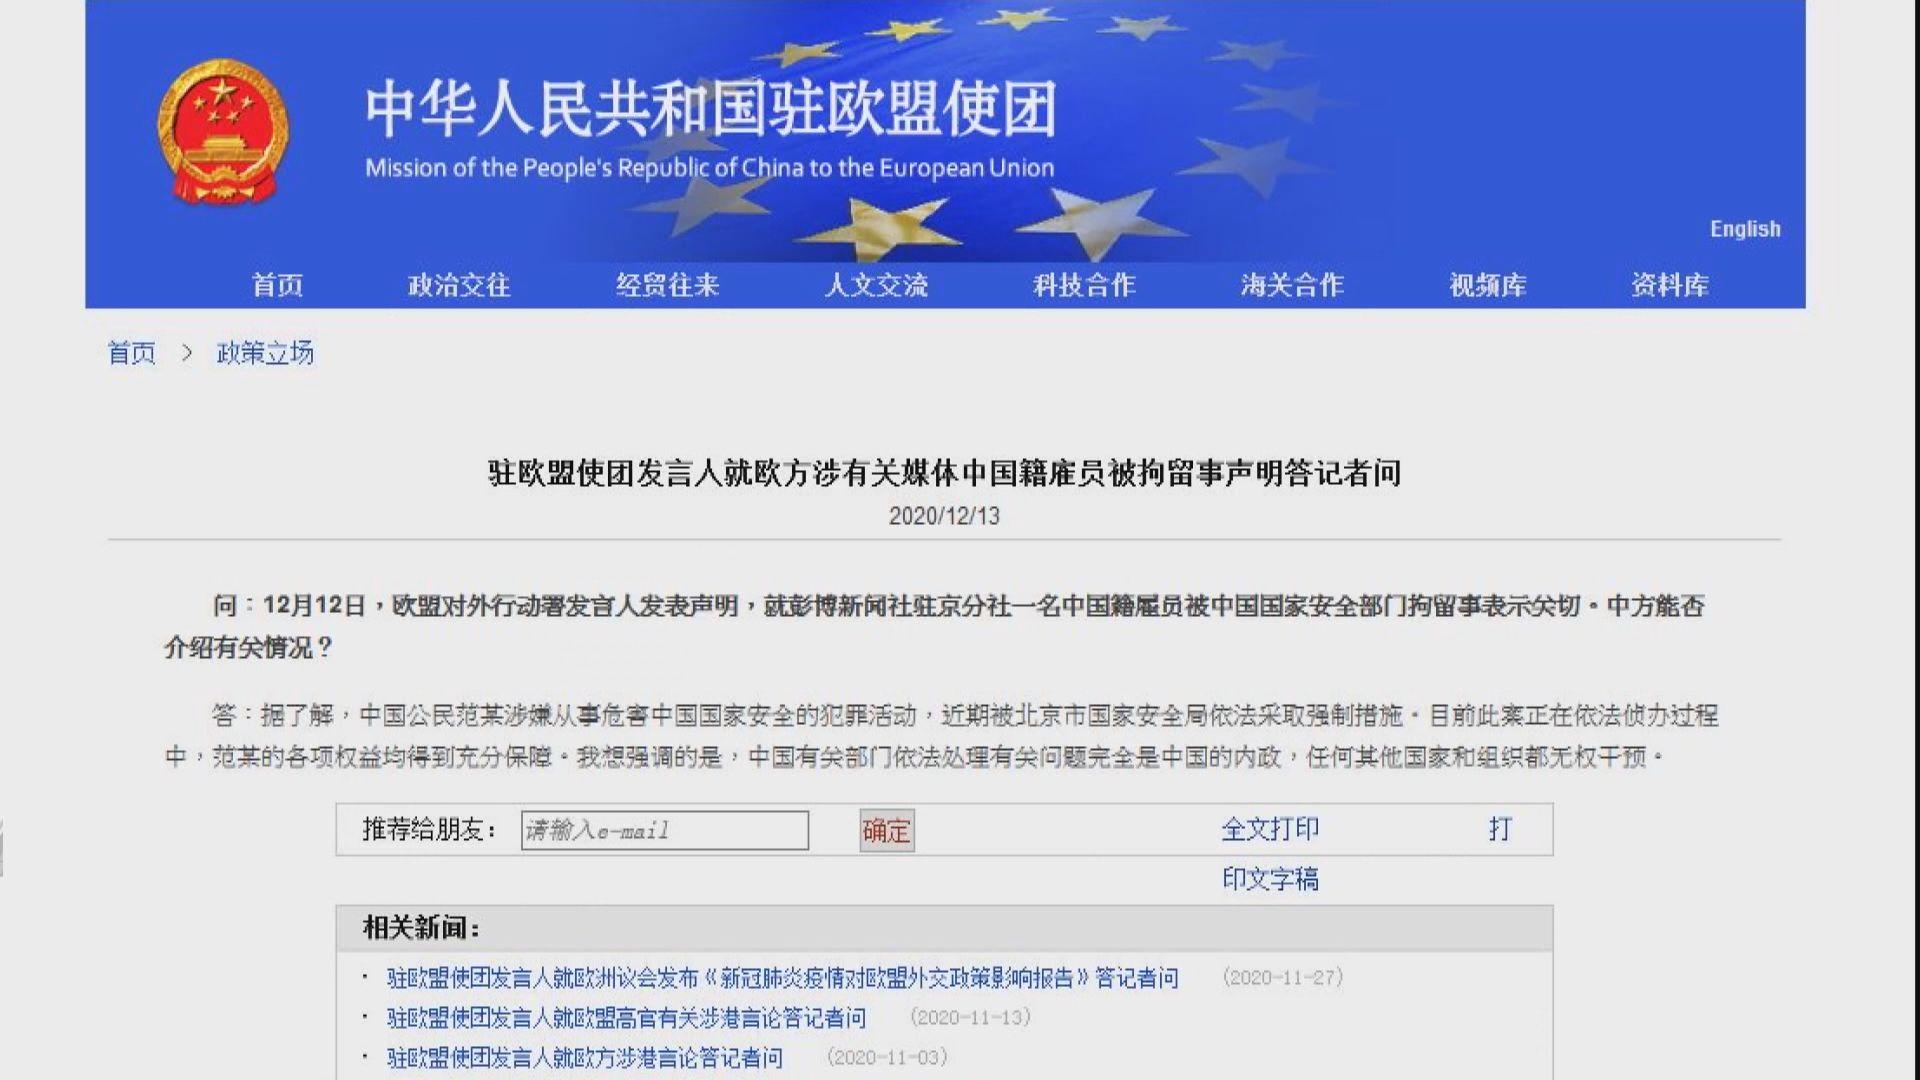 中國駐歐盟使團:彭博社女僱員被捕屬中國內政